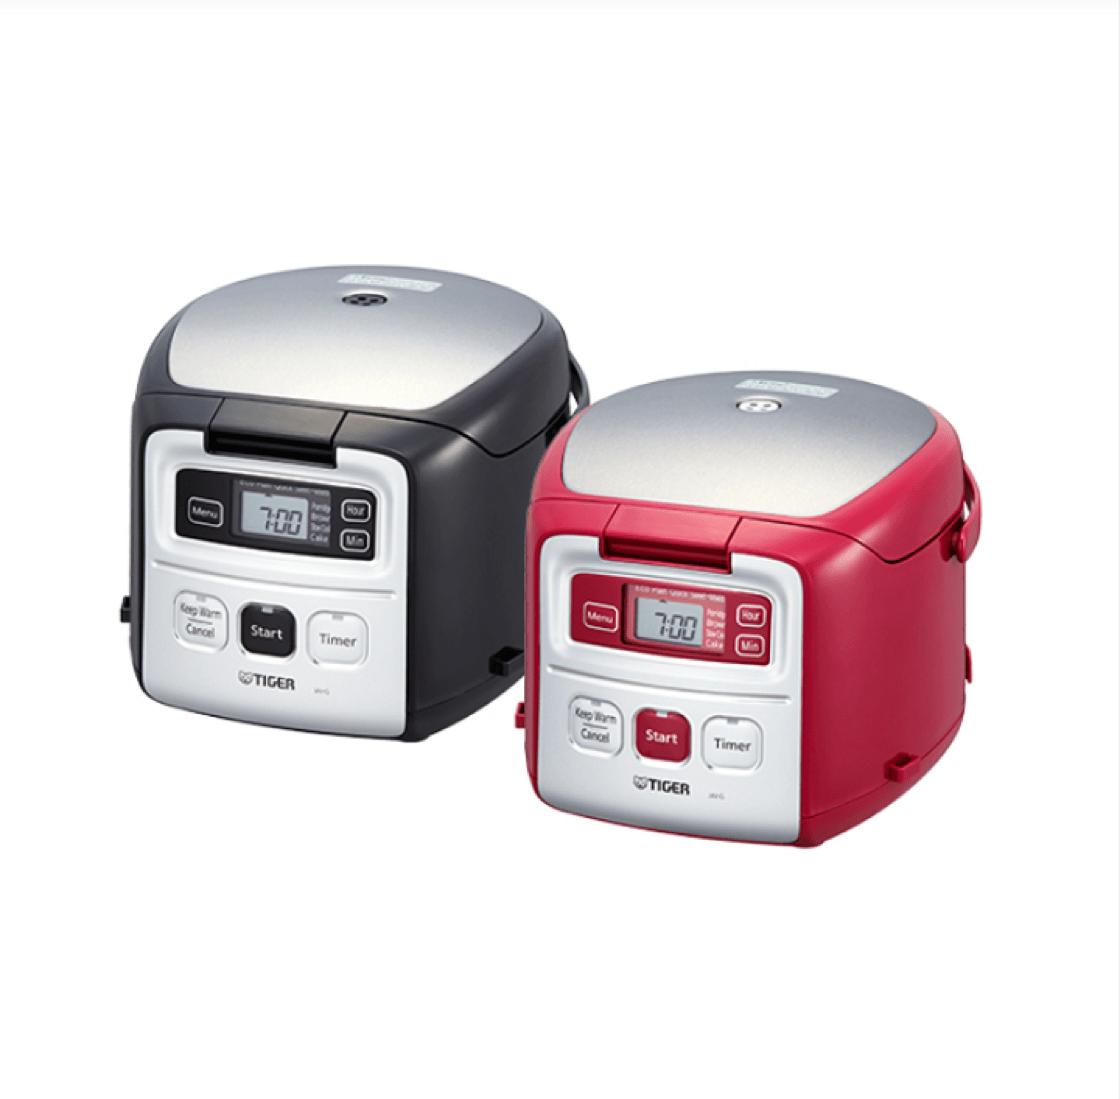 日本 TIGER 公司推出迷你電飯煲,設有慢煮功能。(圖片:Tiger)